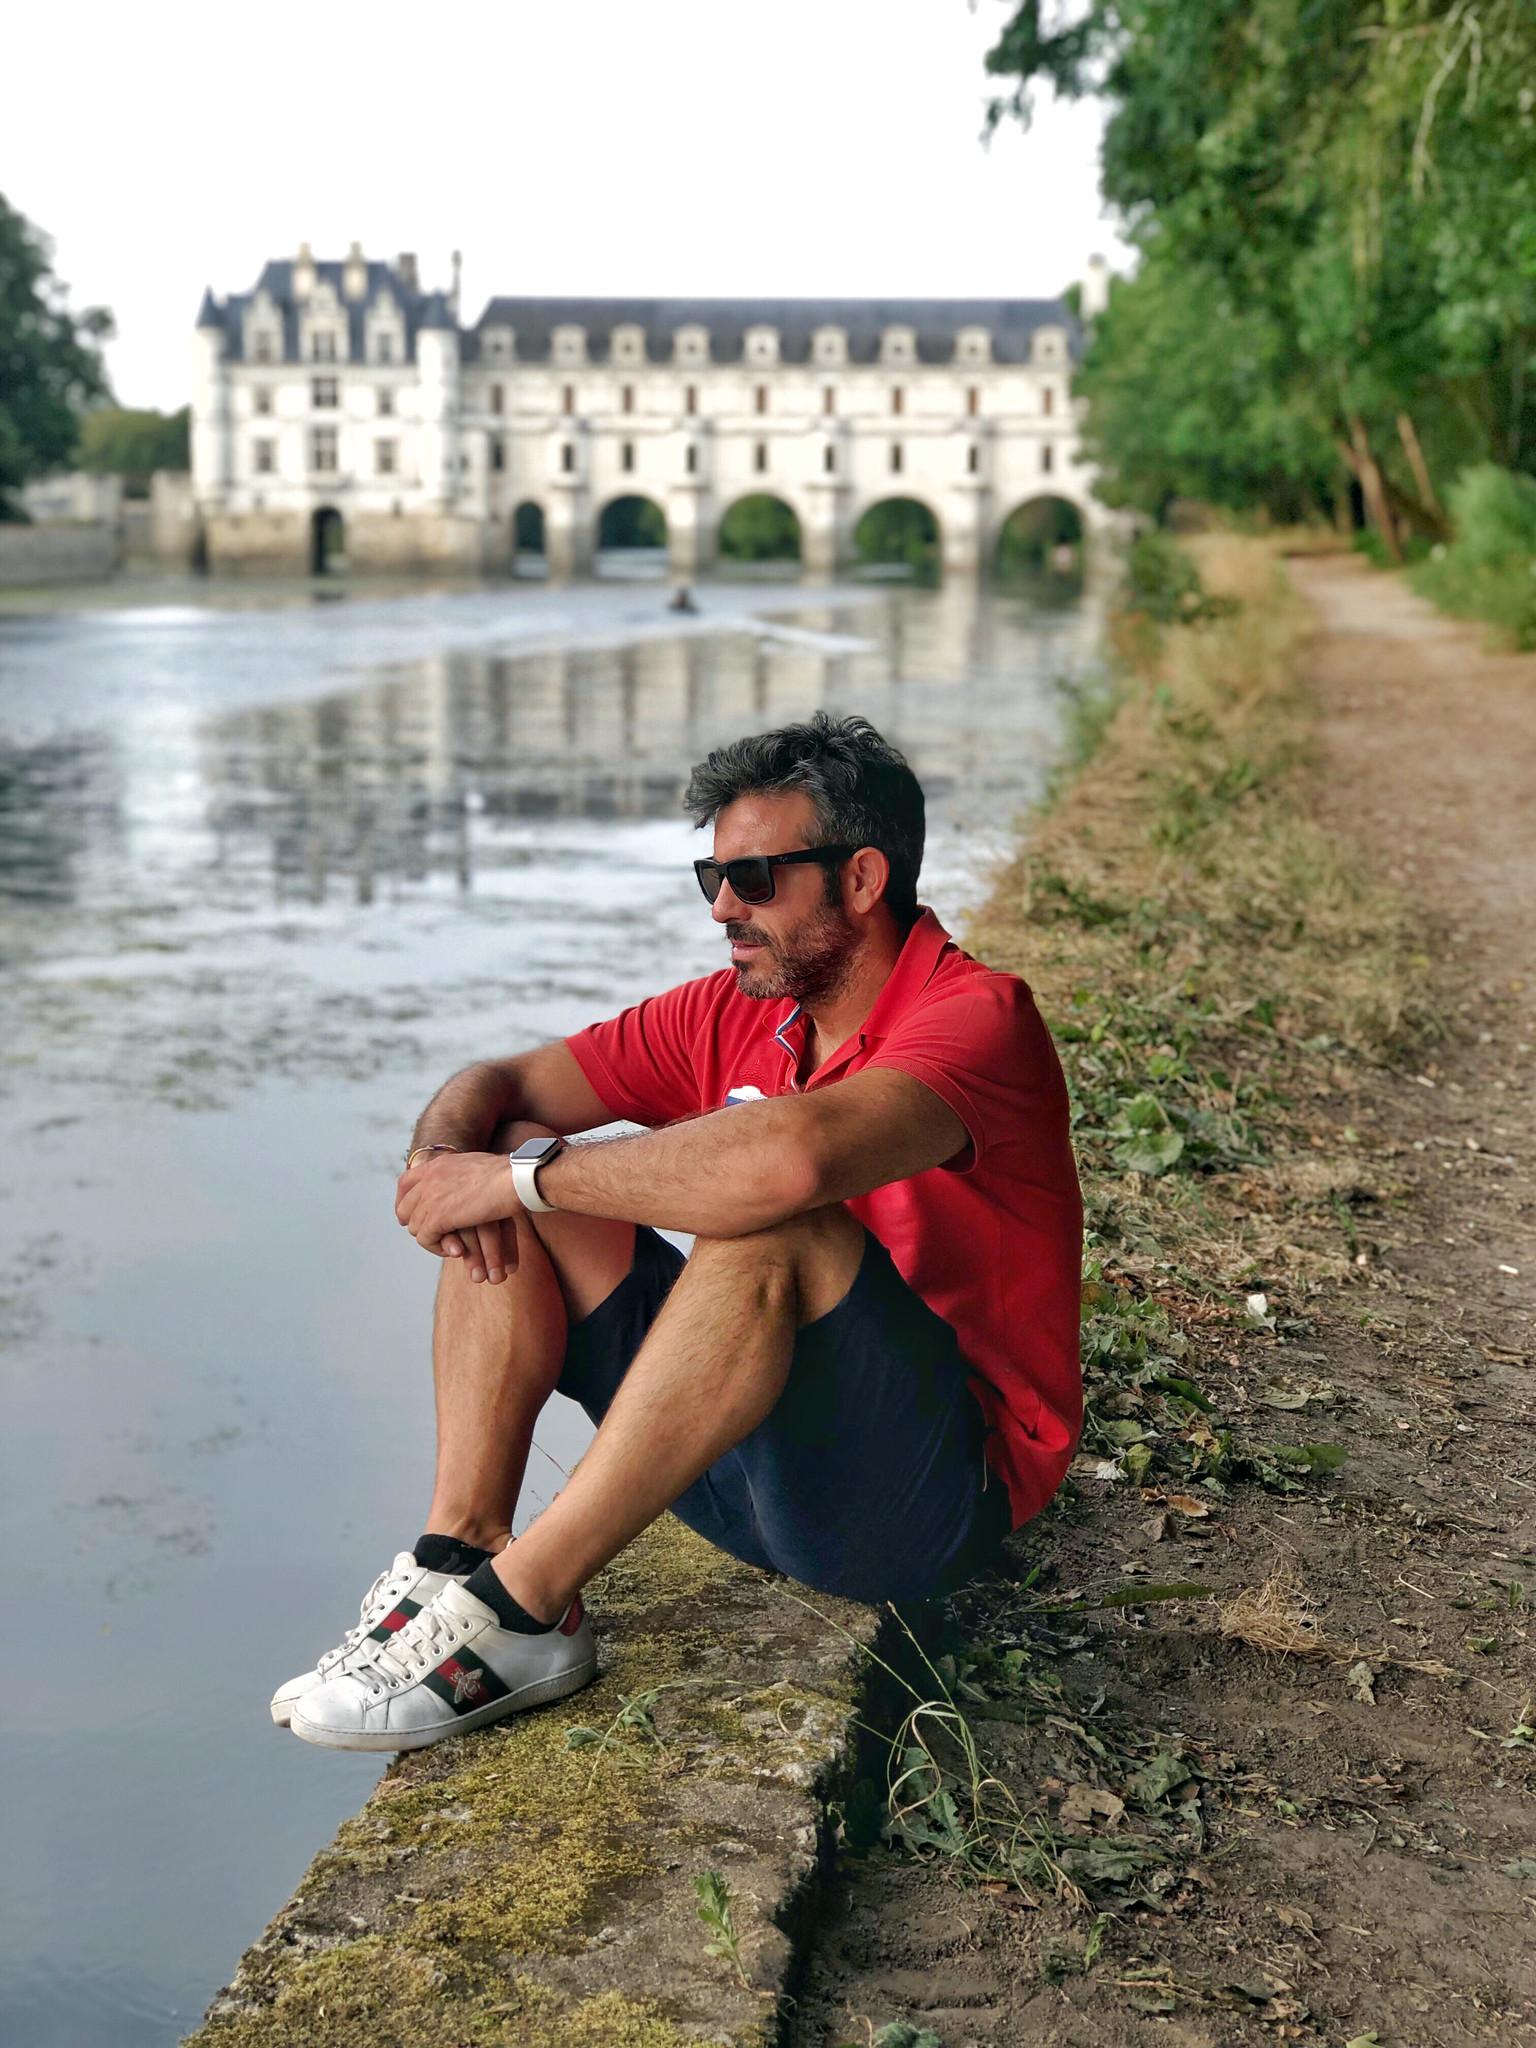 Valle del Loira en 2 días, Francia - Amboise, Tours, Chenonceau valle del loira en 2 días - 48643438843 230de5adc7 k - Valle del Loira en 2 días